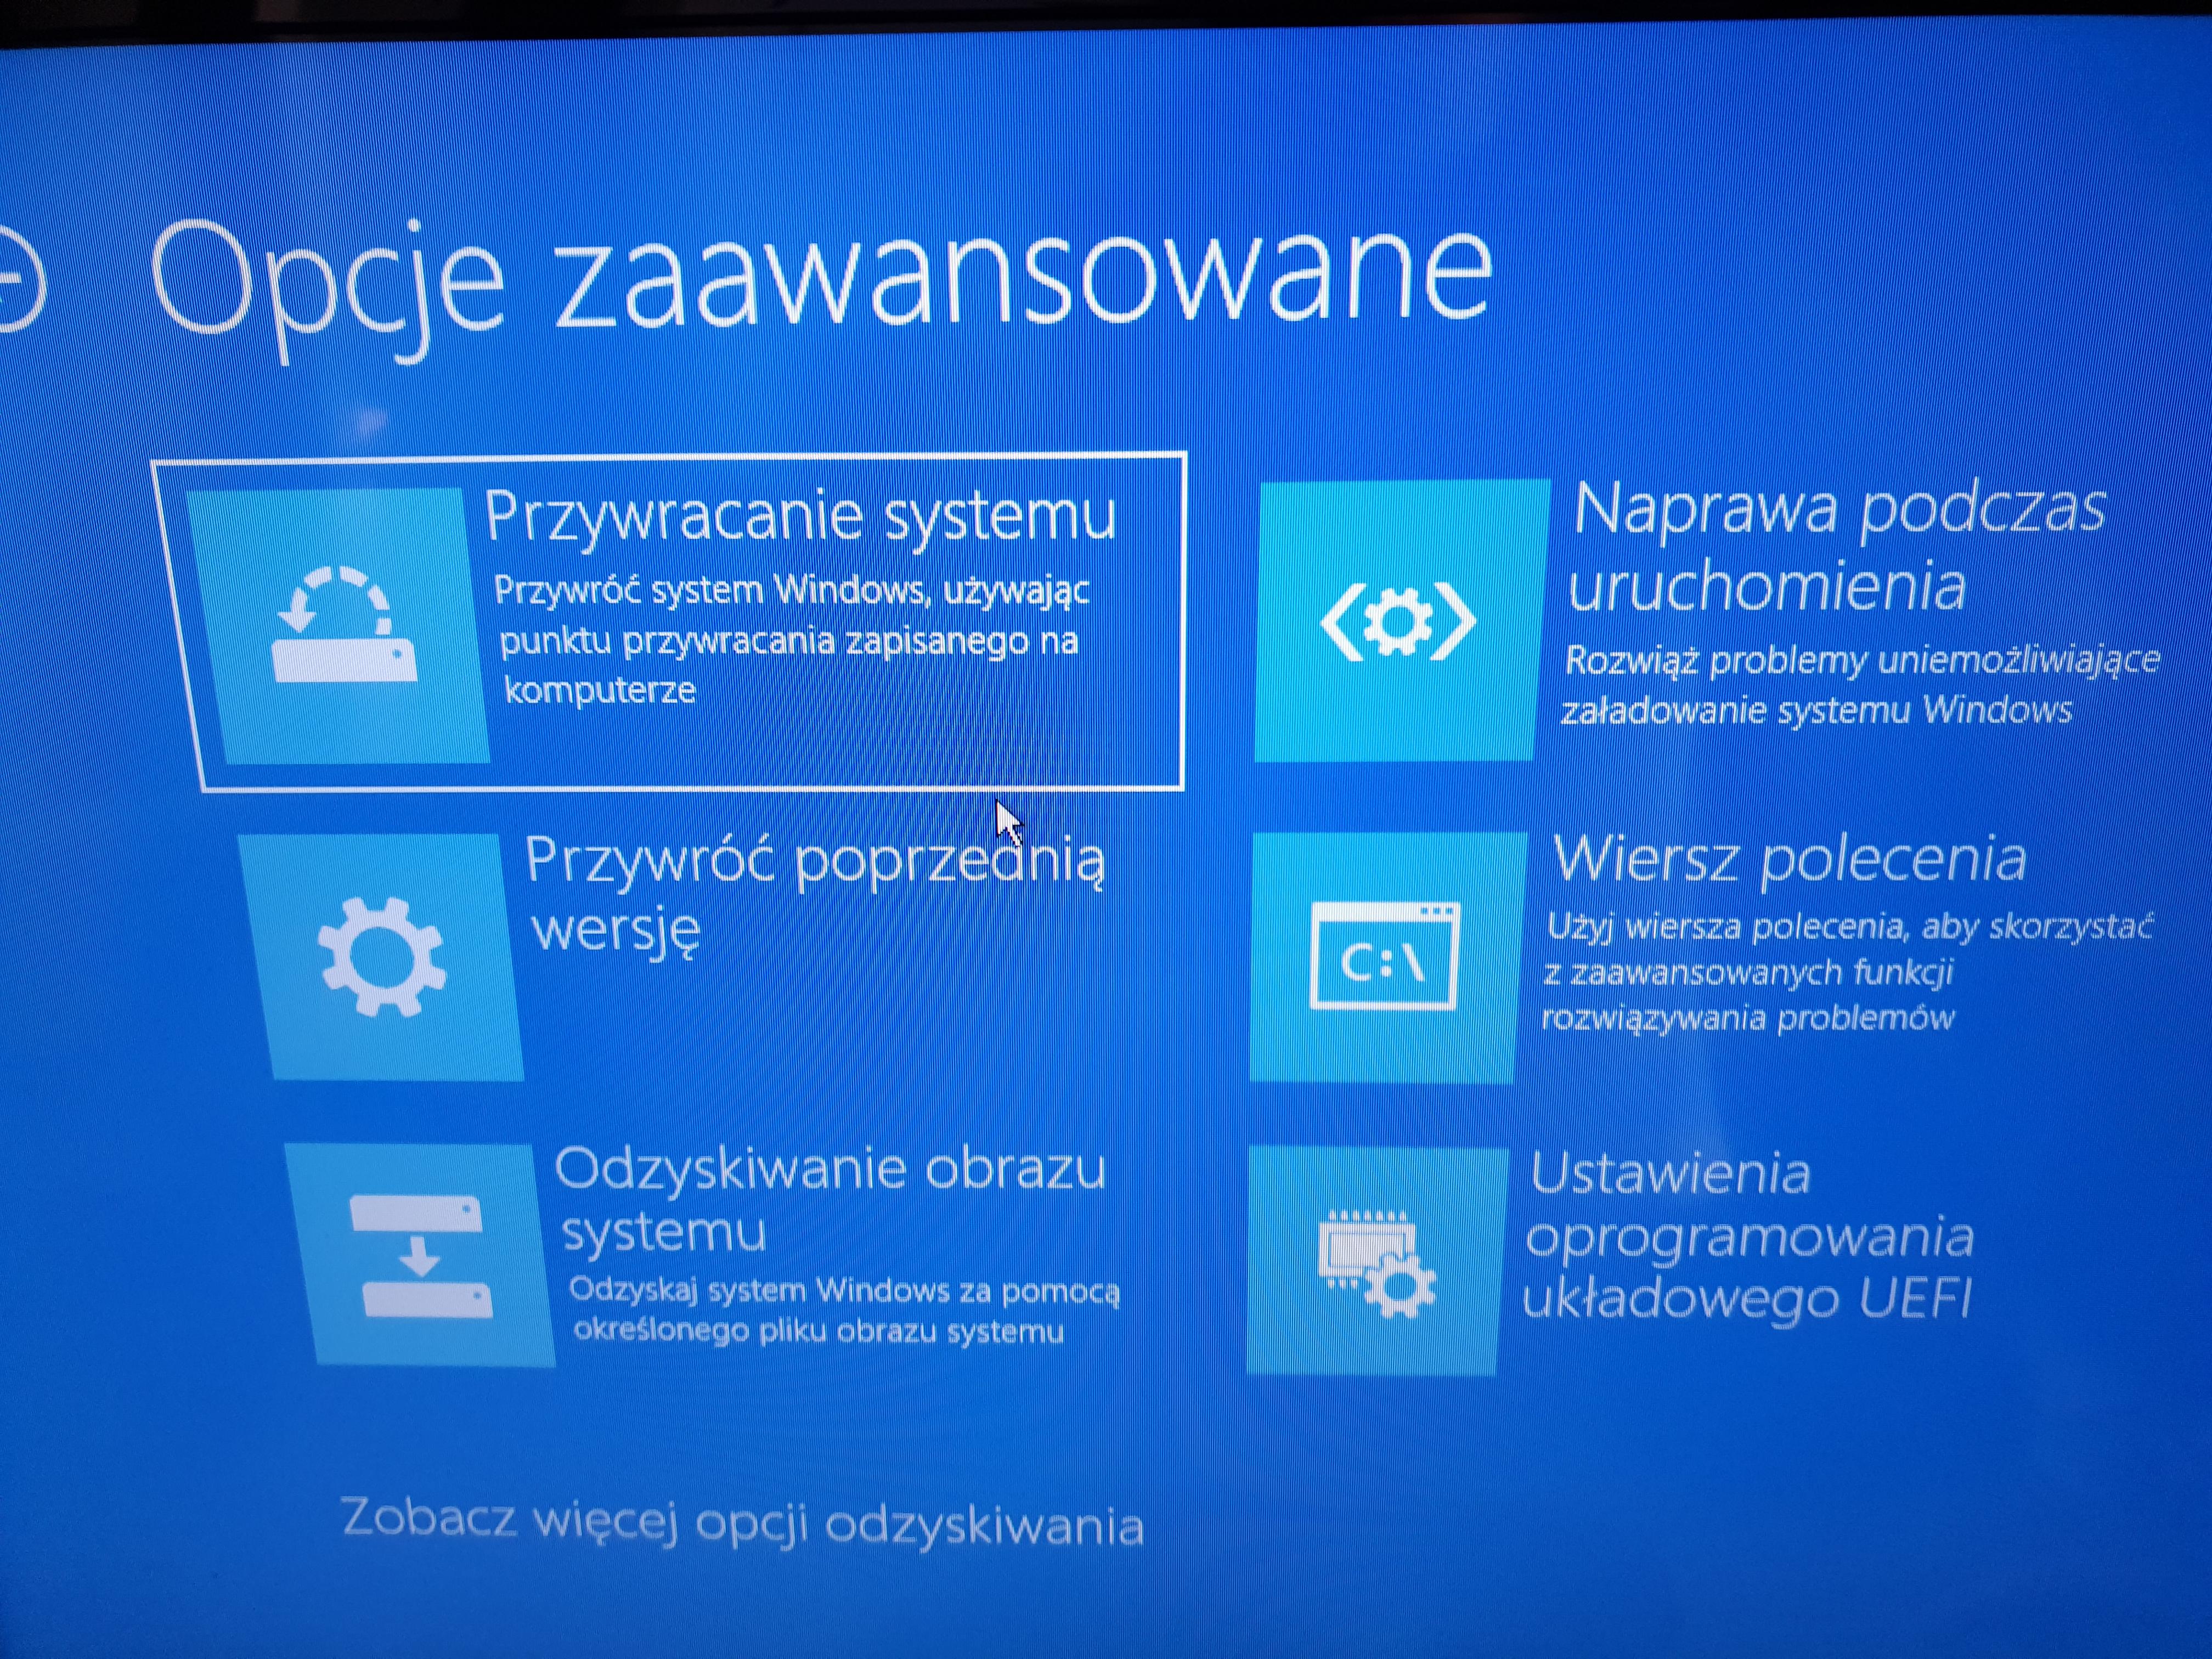 Przywracanie Windows 10 Do Ustawień Fabrycznych Microsoft